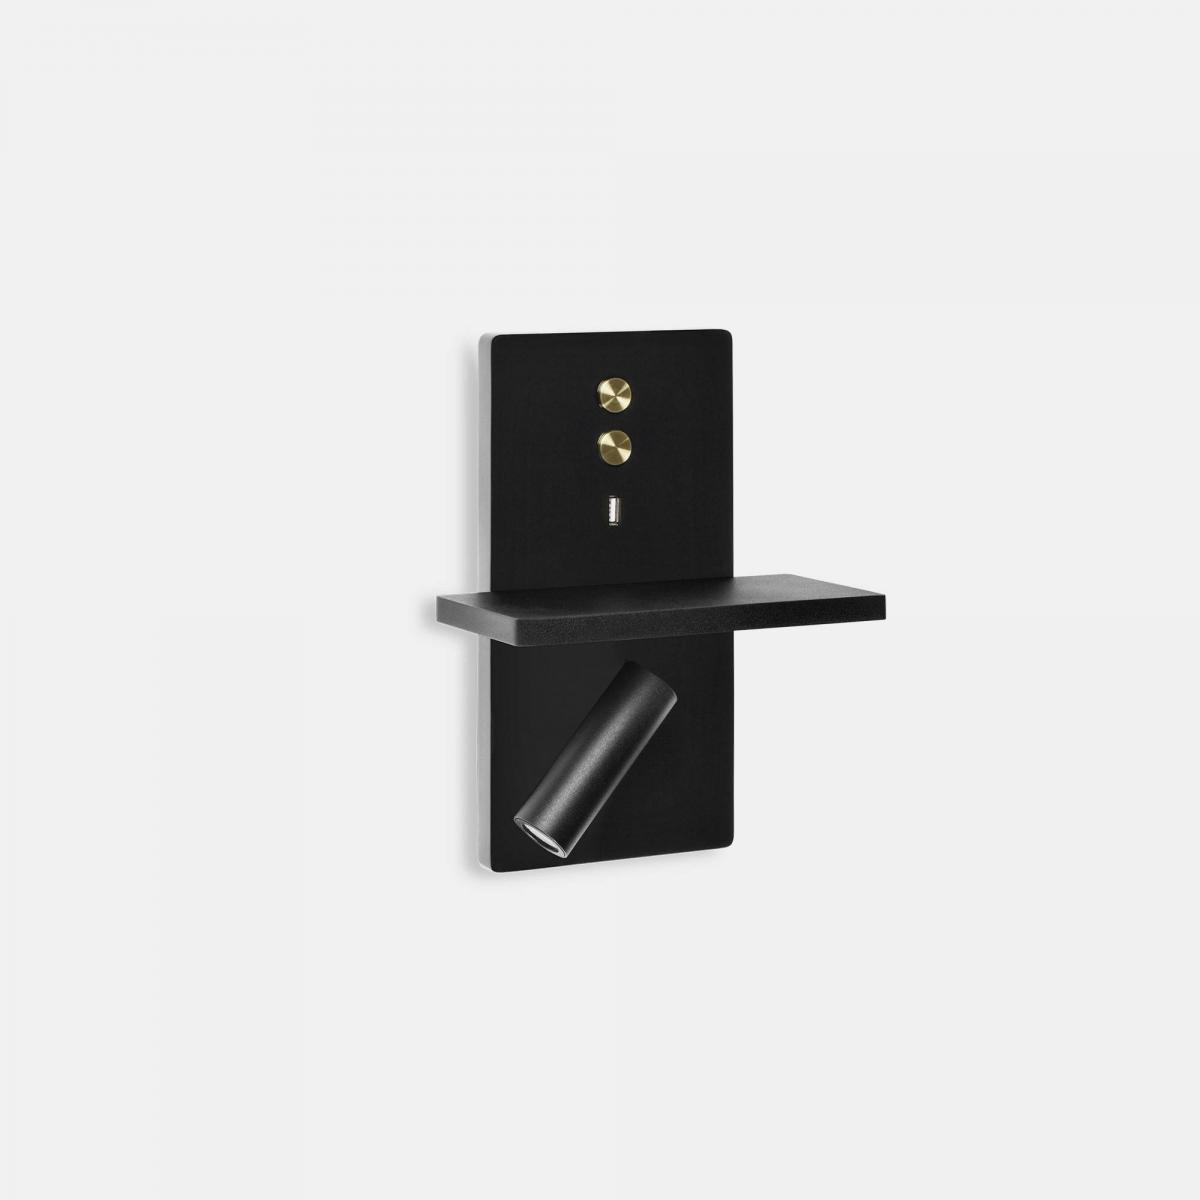 Leds C4 Liseuse LED USB Light Black